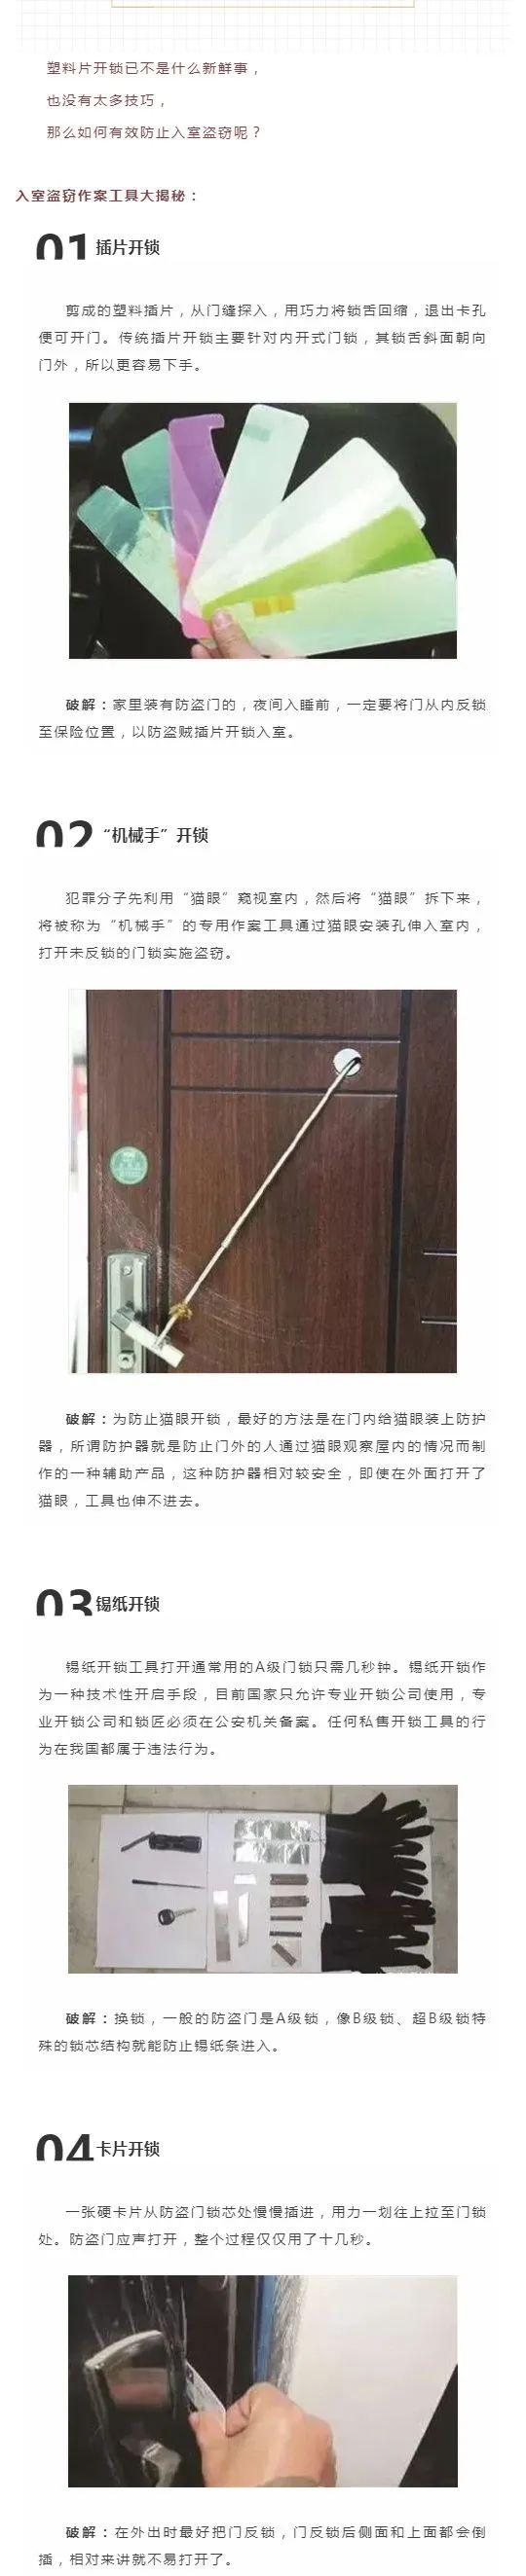 """趁你熟睡""""插片开锁""""的盗贼被抓了!(图7)"""